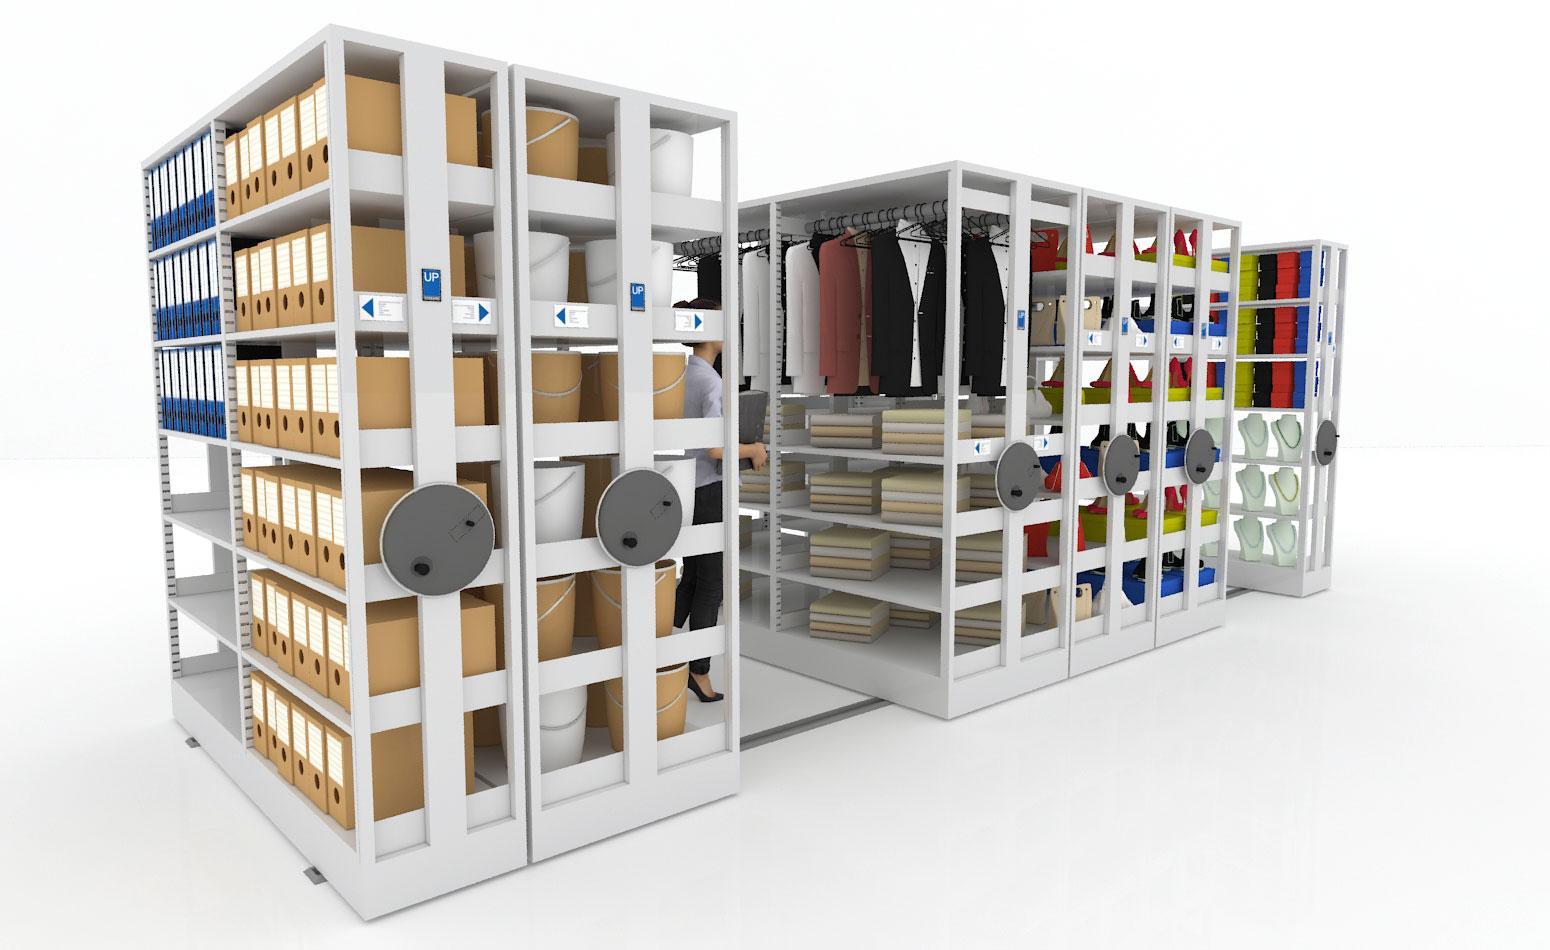 Arquivo deslizante para estoque e armazenagem